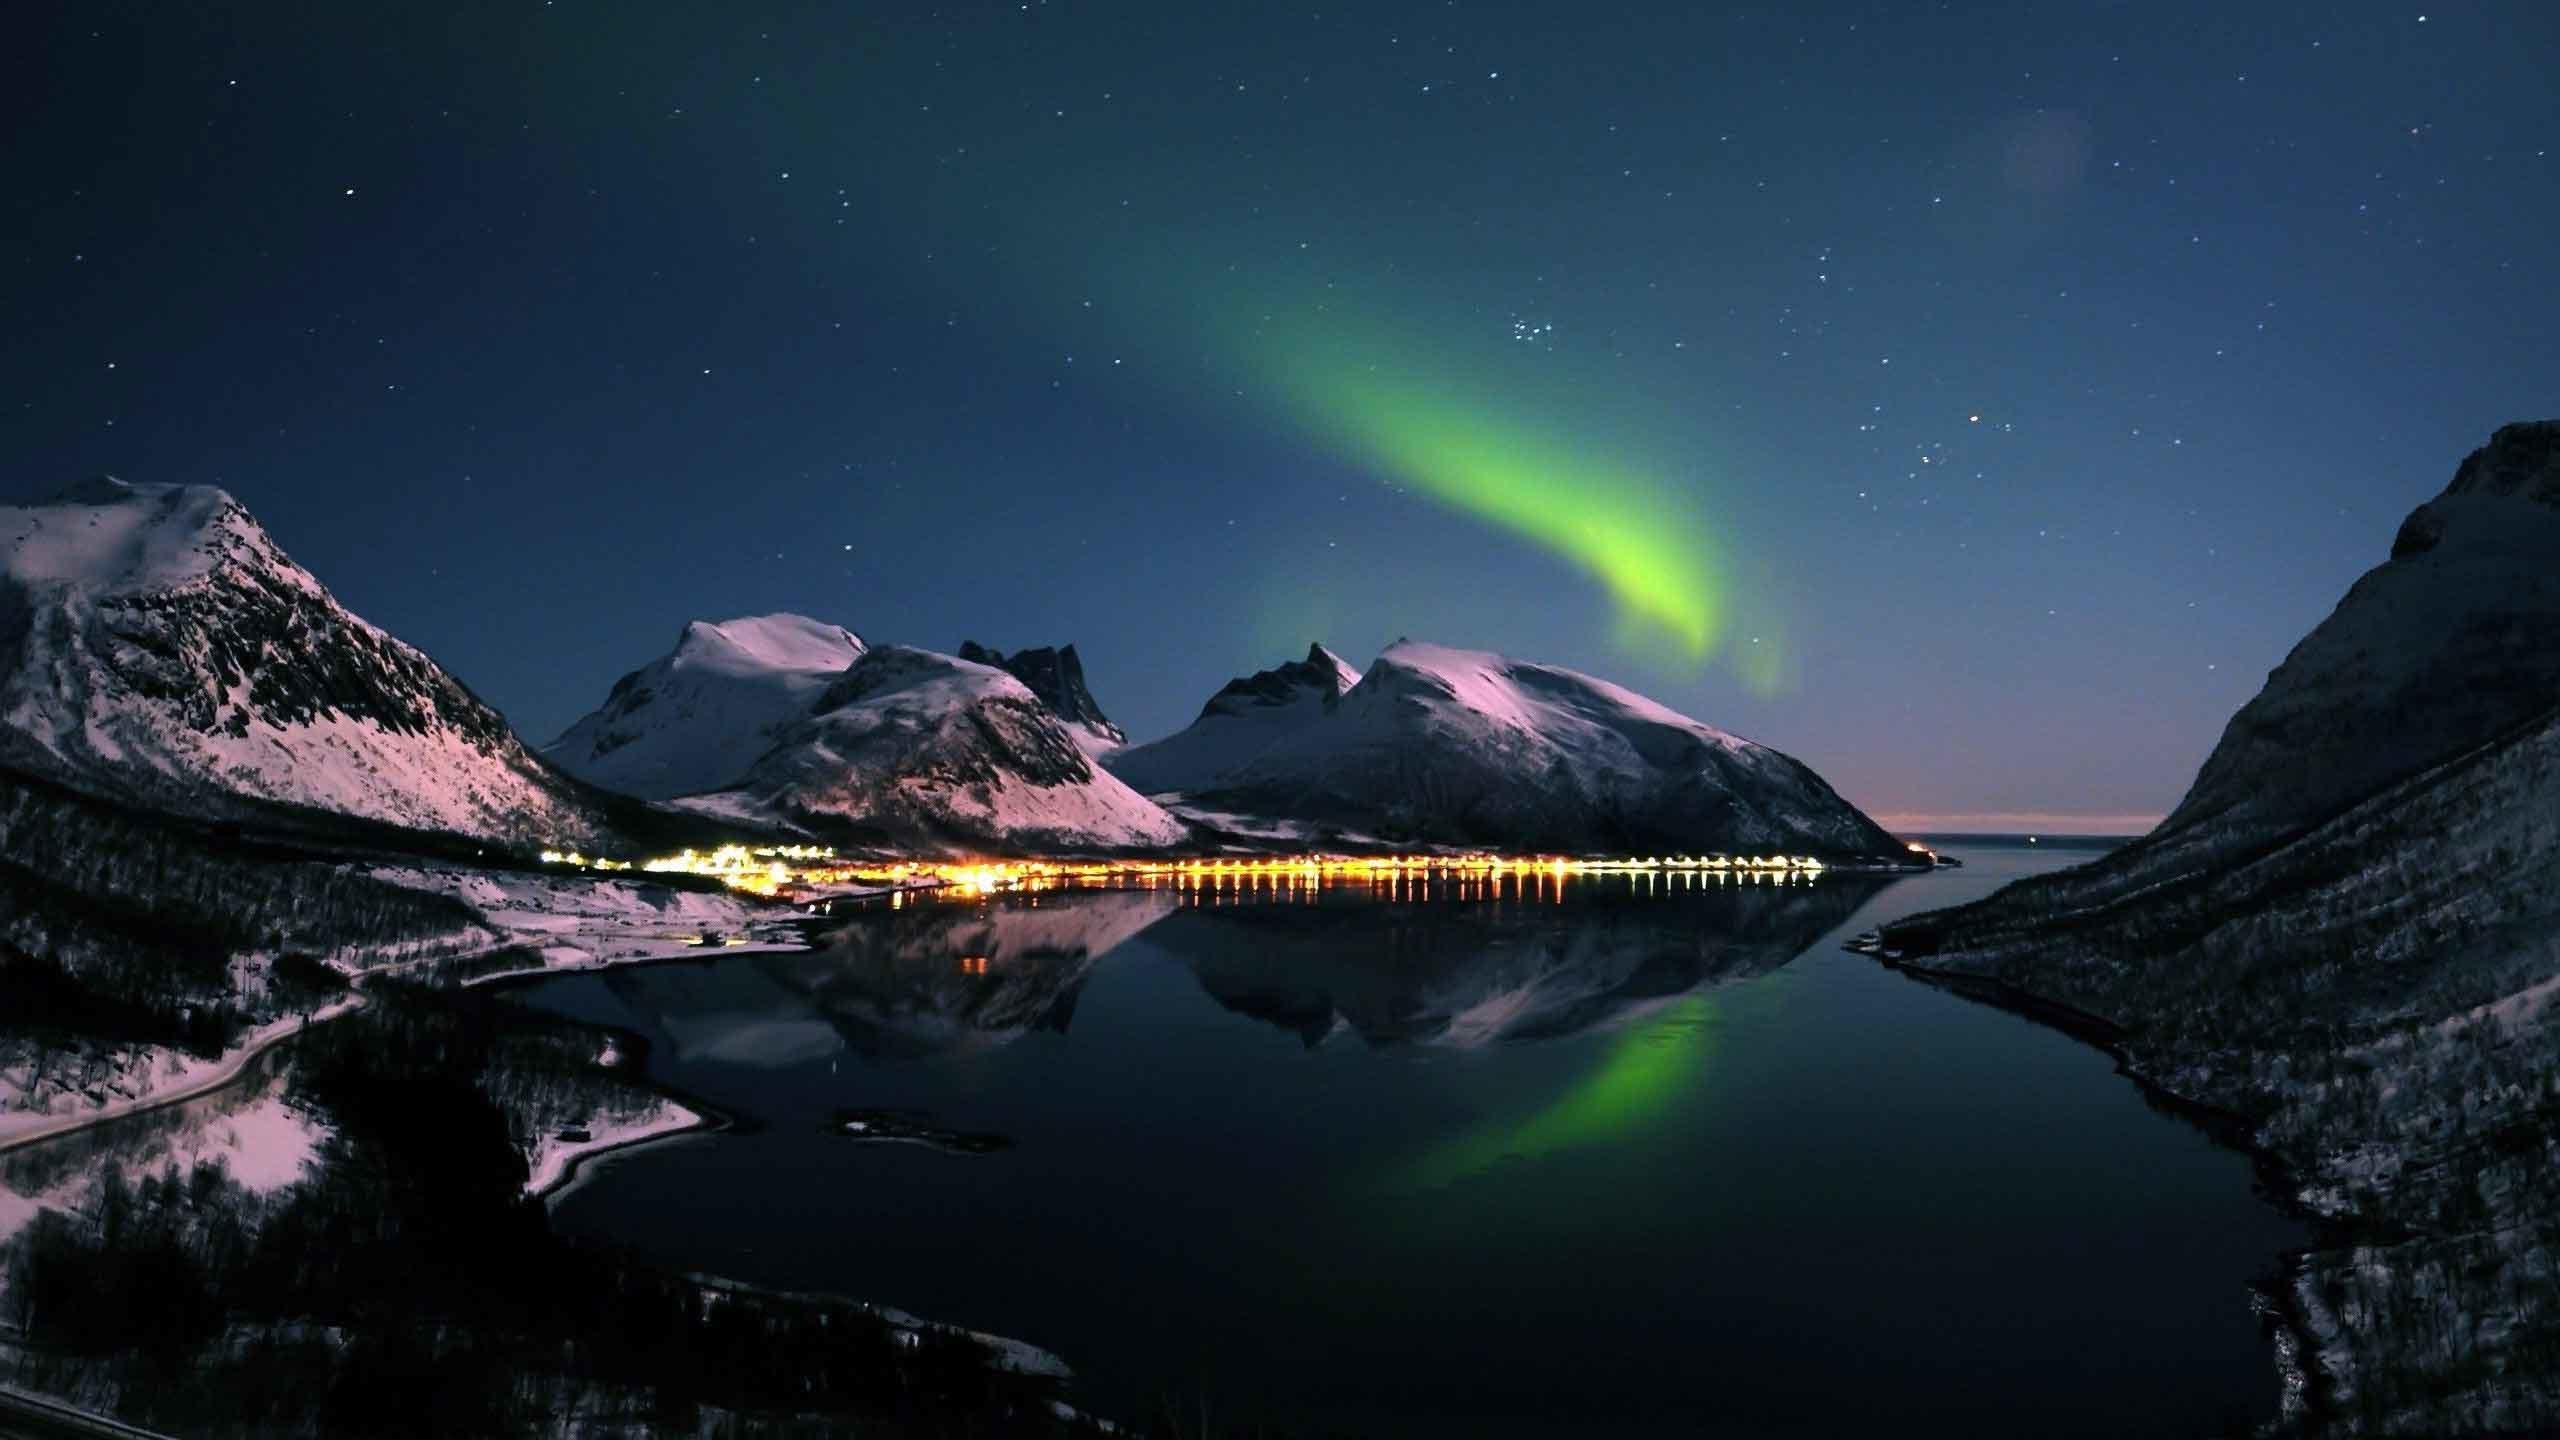 Aurora Borealis Background 66 Images